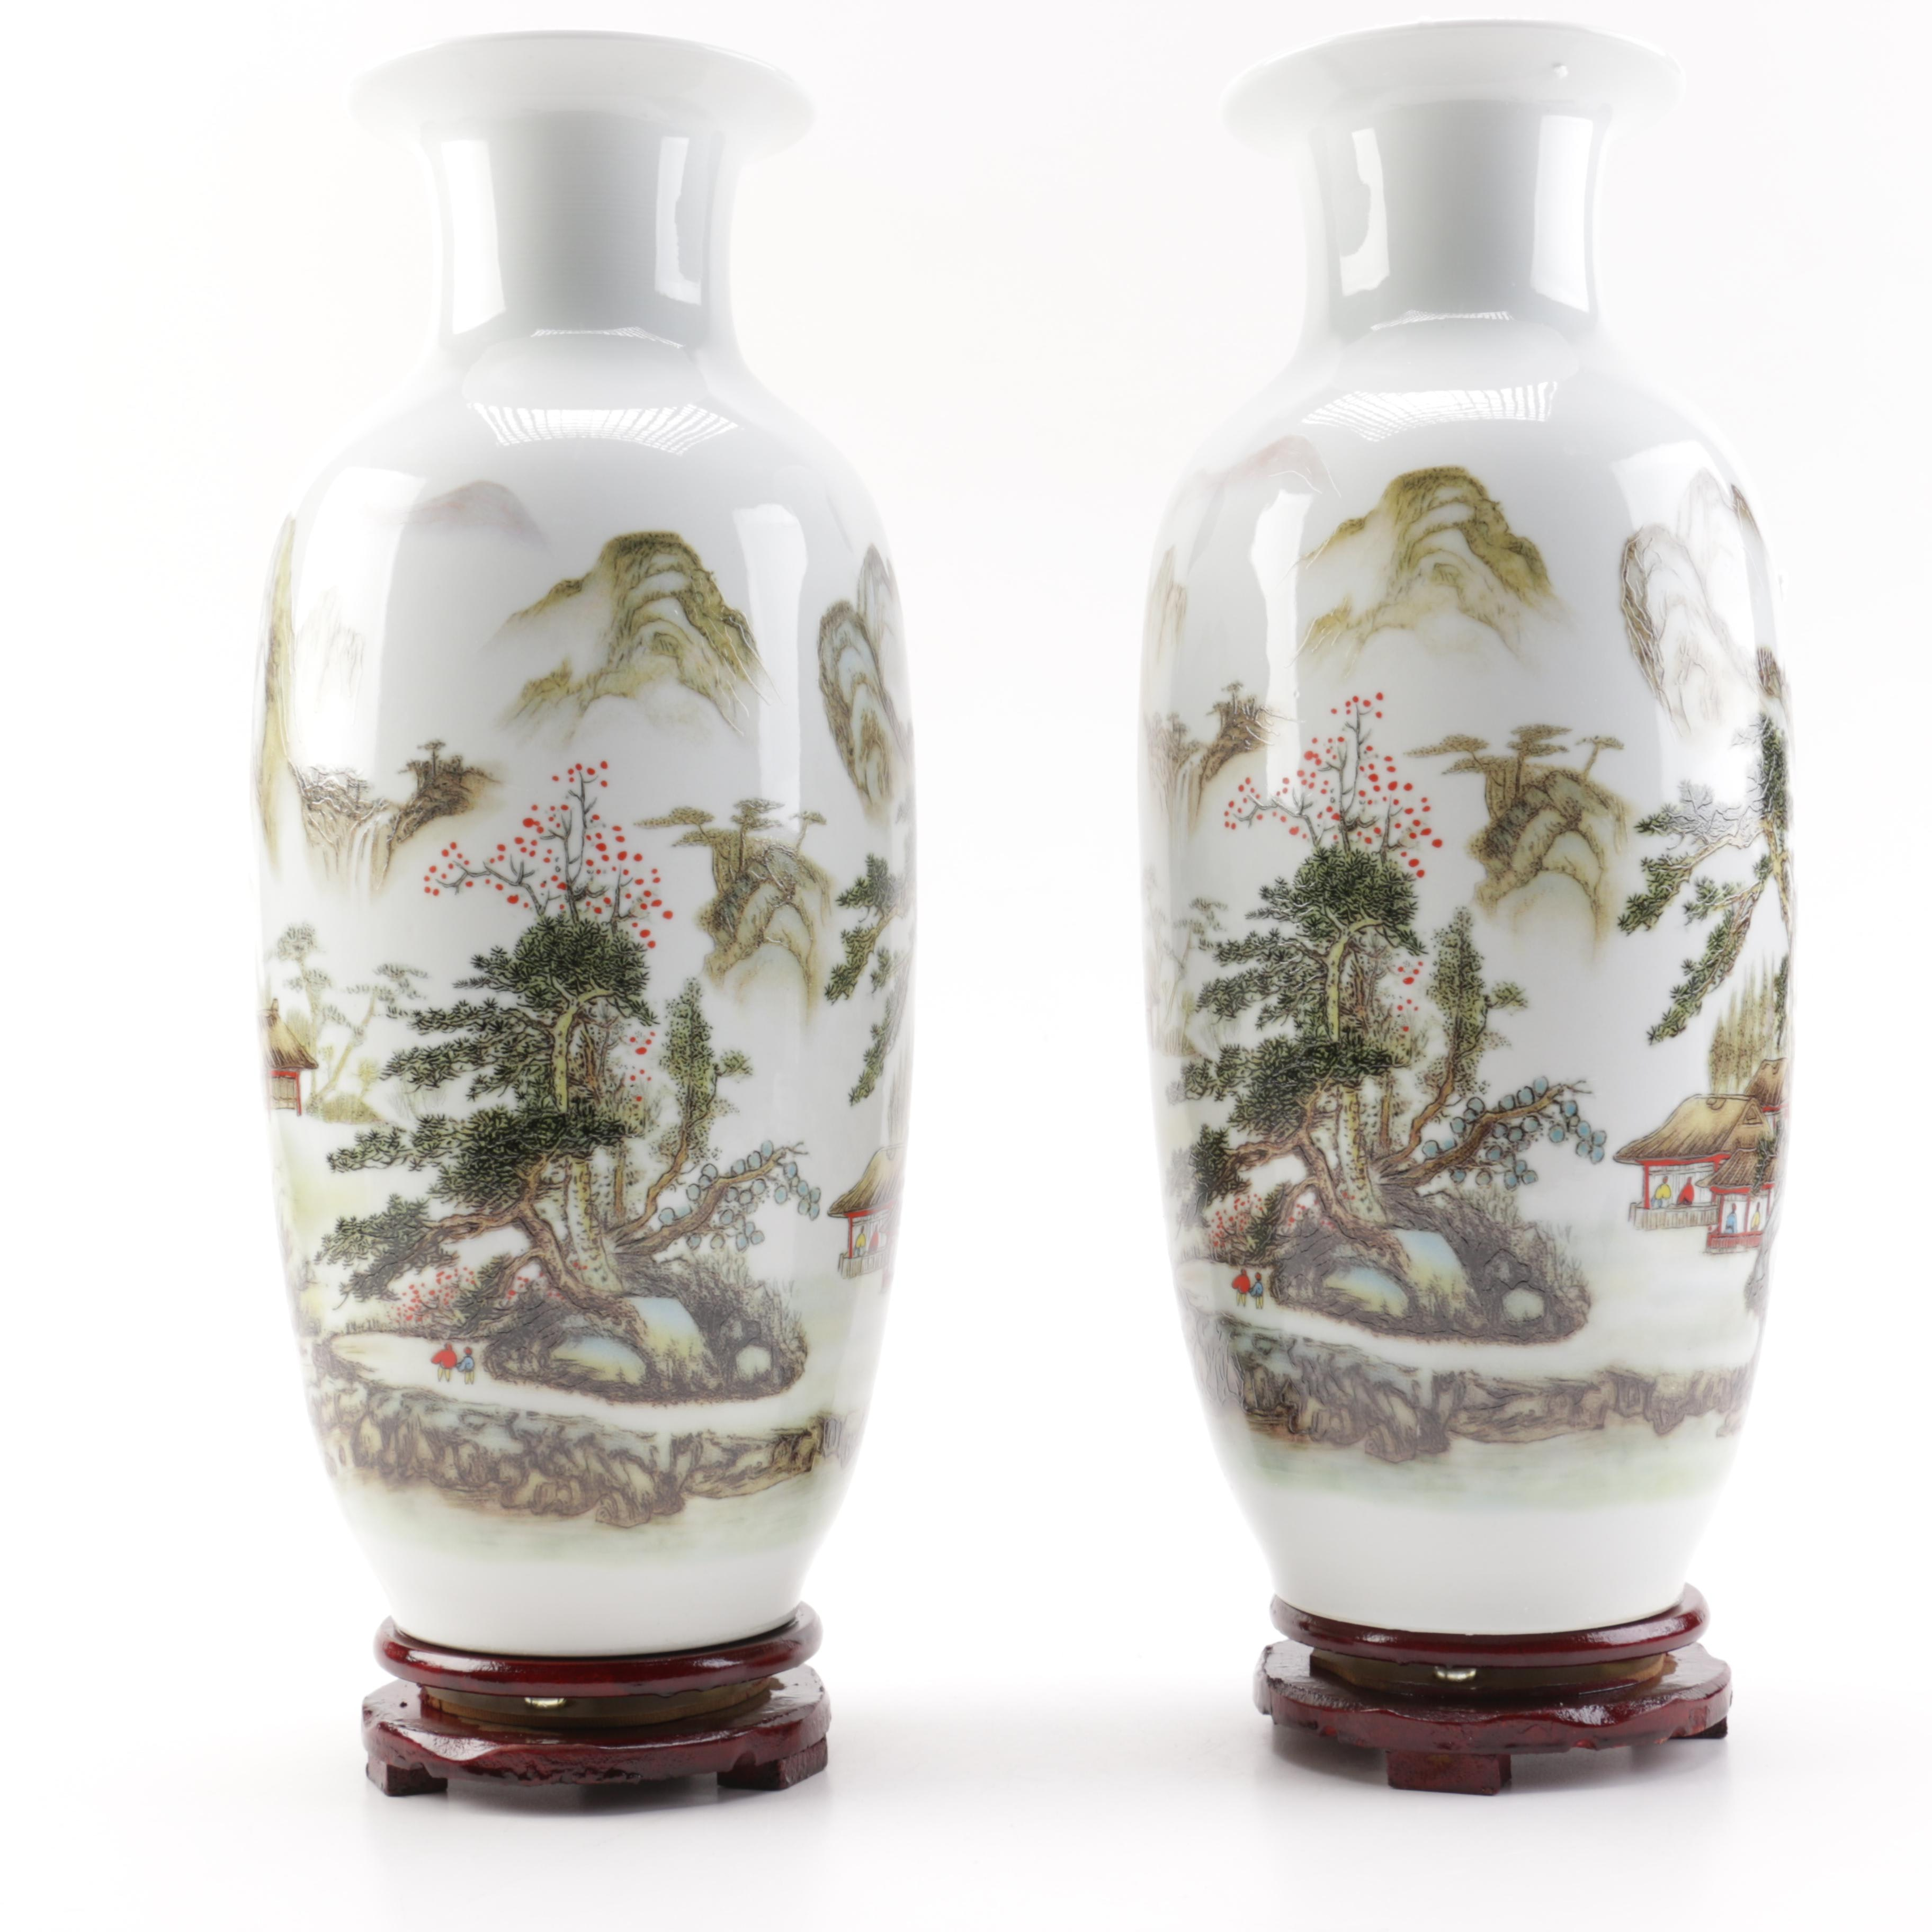 Pair of Asian Inspired Porcelain Vases